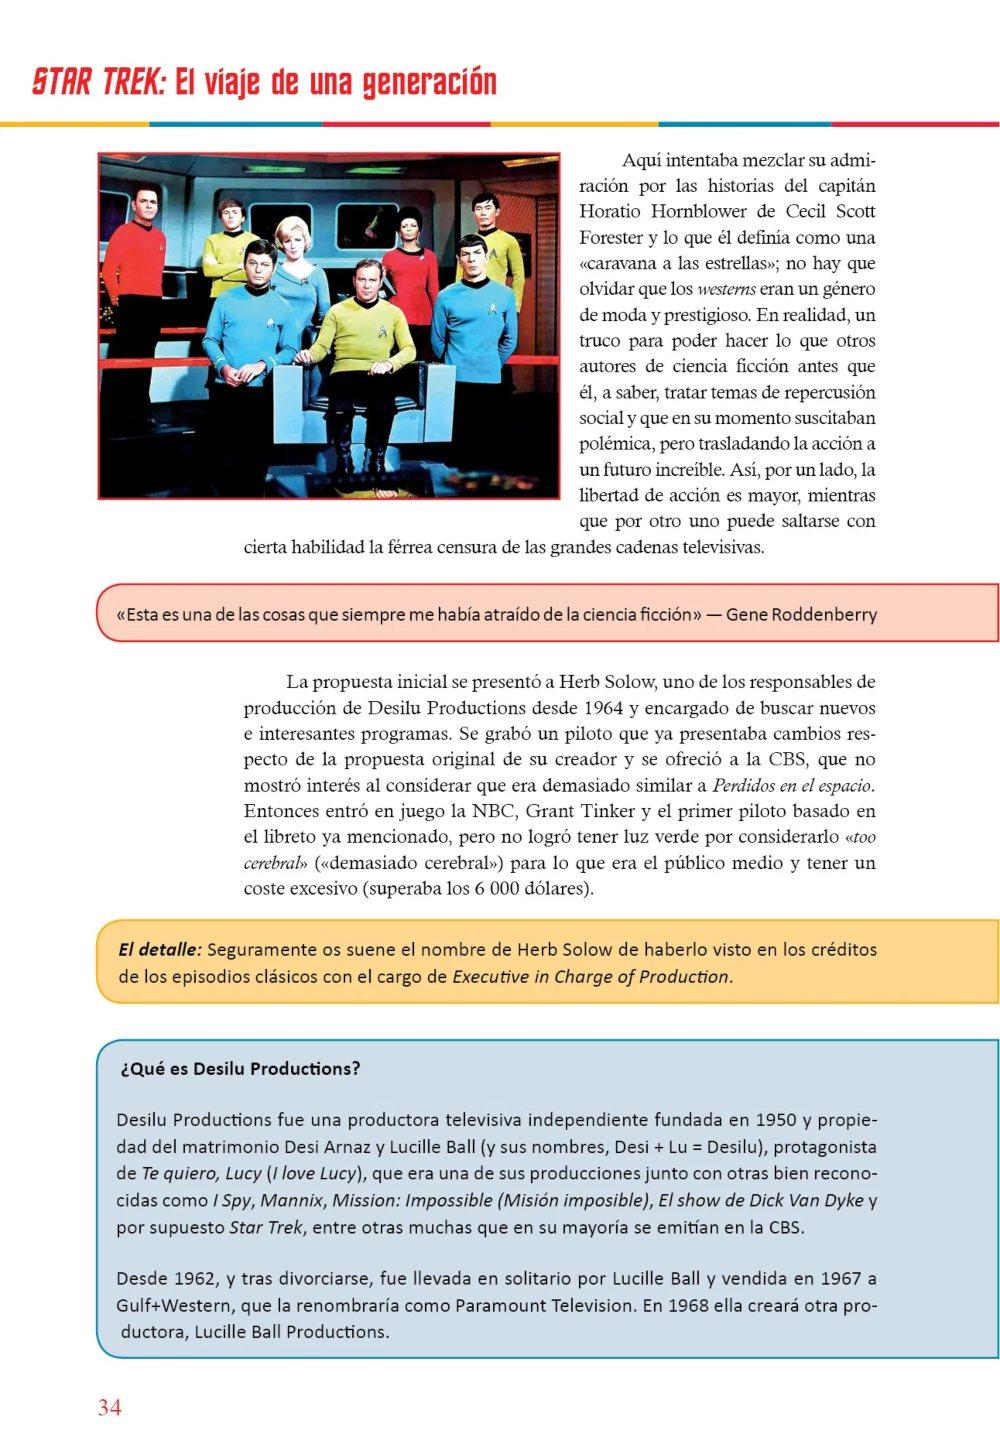 Star-Trek-viaje-de-una-generación_Doc Pastor